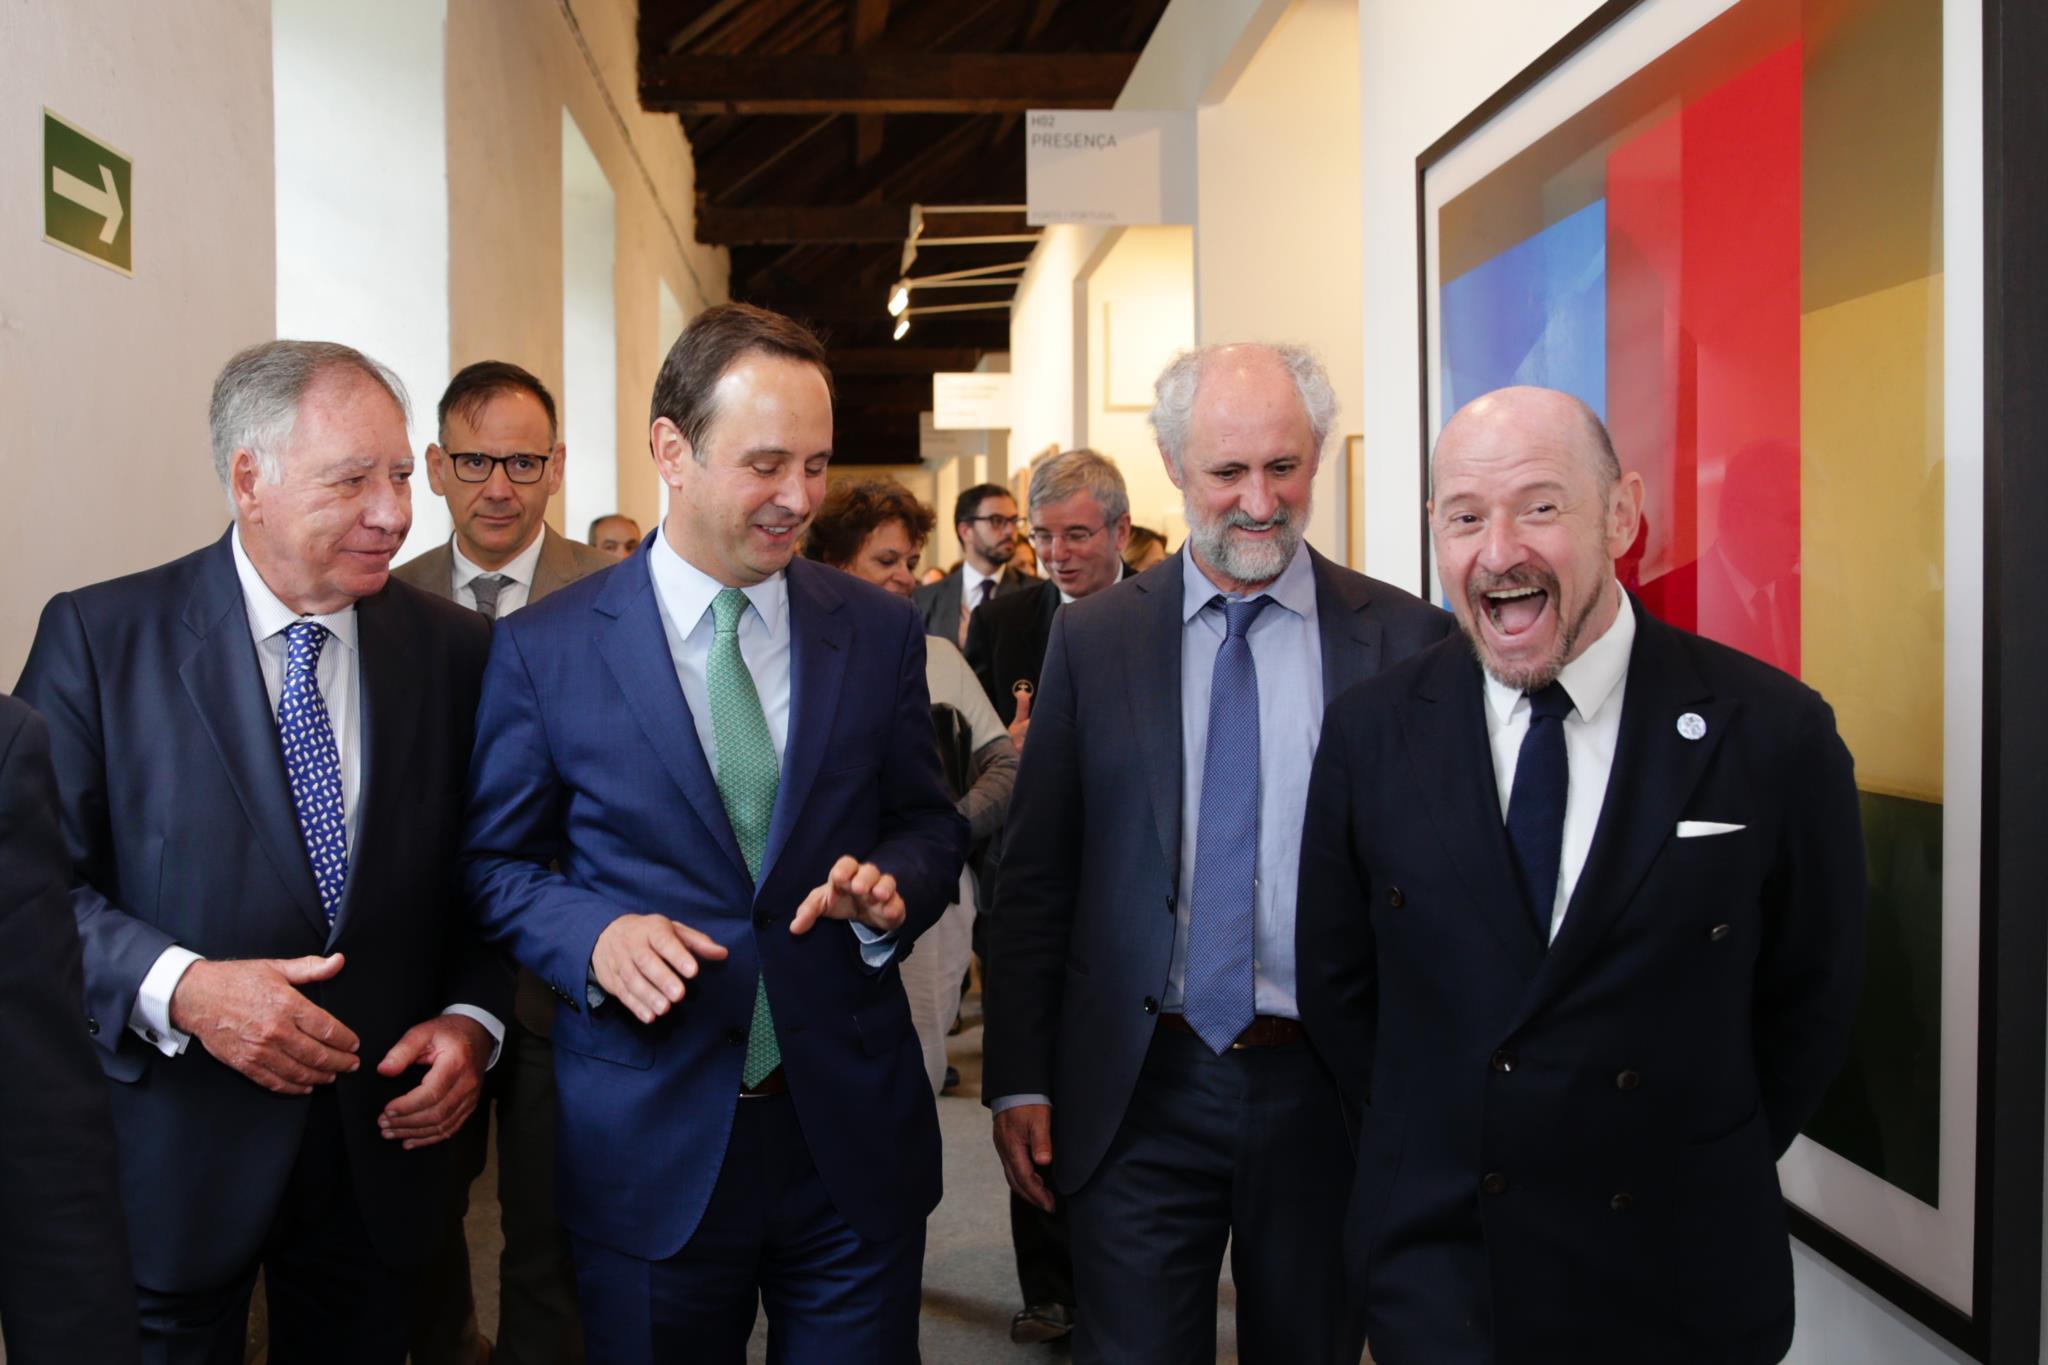 PÚBLICO - O que a Câmara de Lisboa, a EDP e Serralves compraram na ARCO